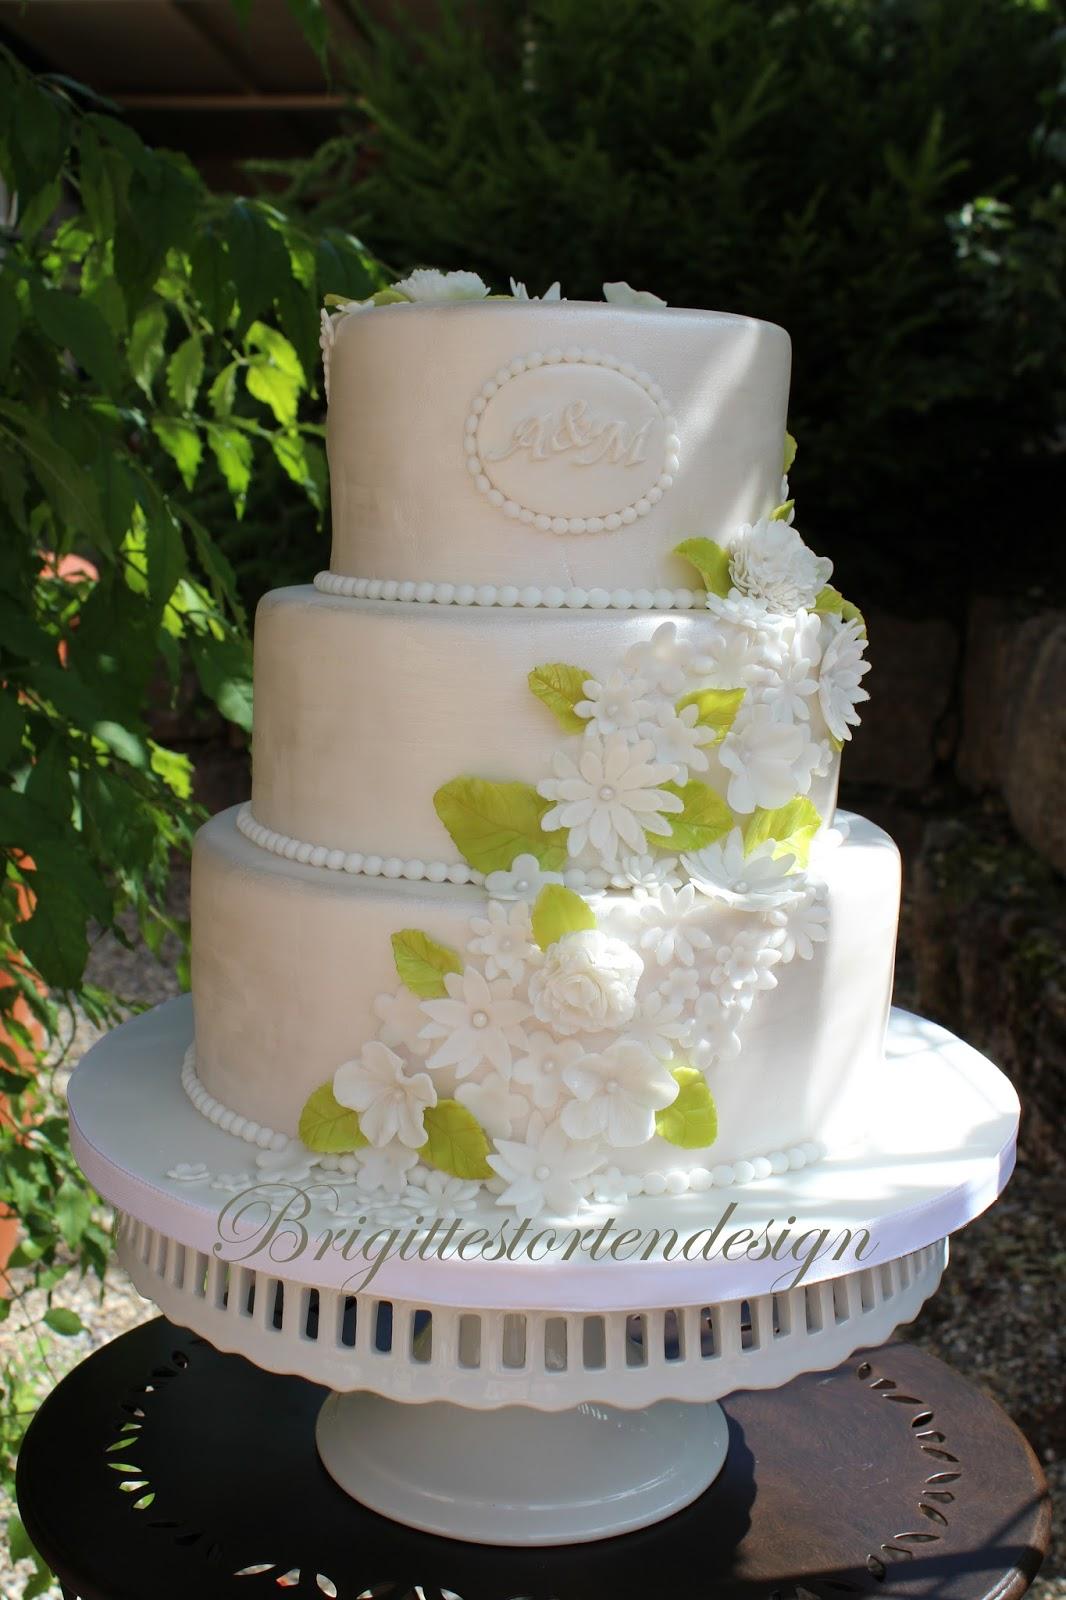 Brigittes Tortendesign: Hochzeitstorte in weiß mit kleinen